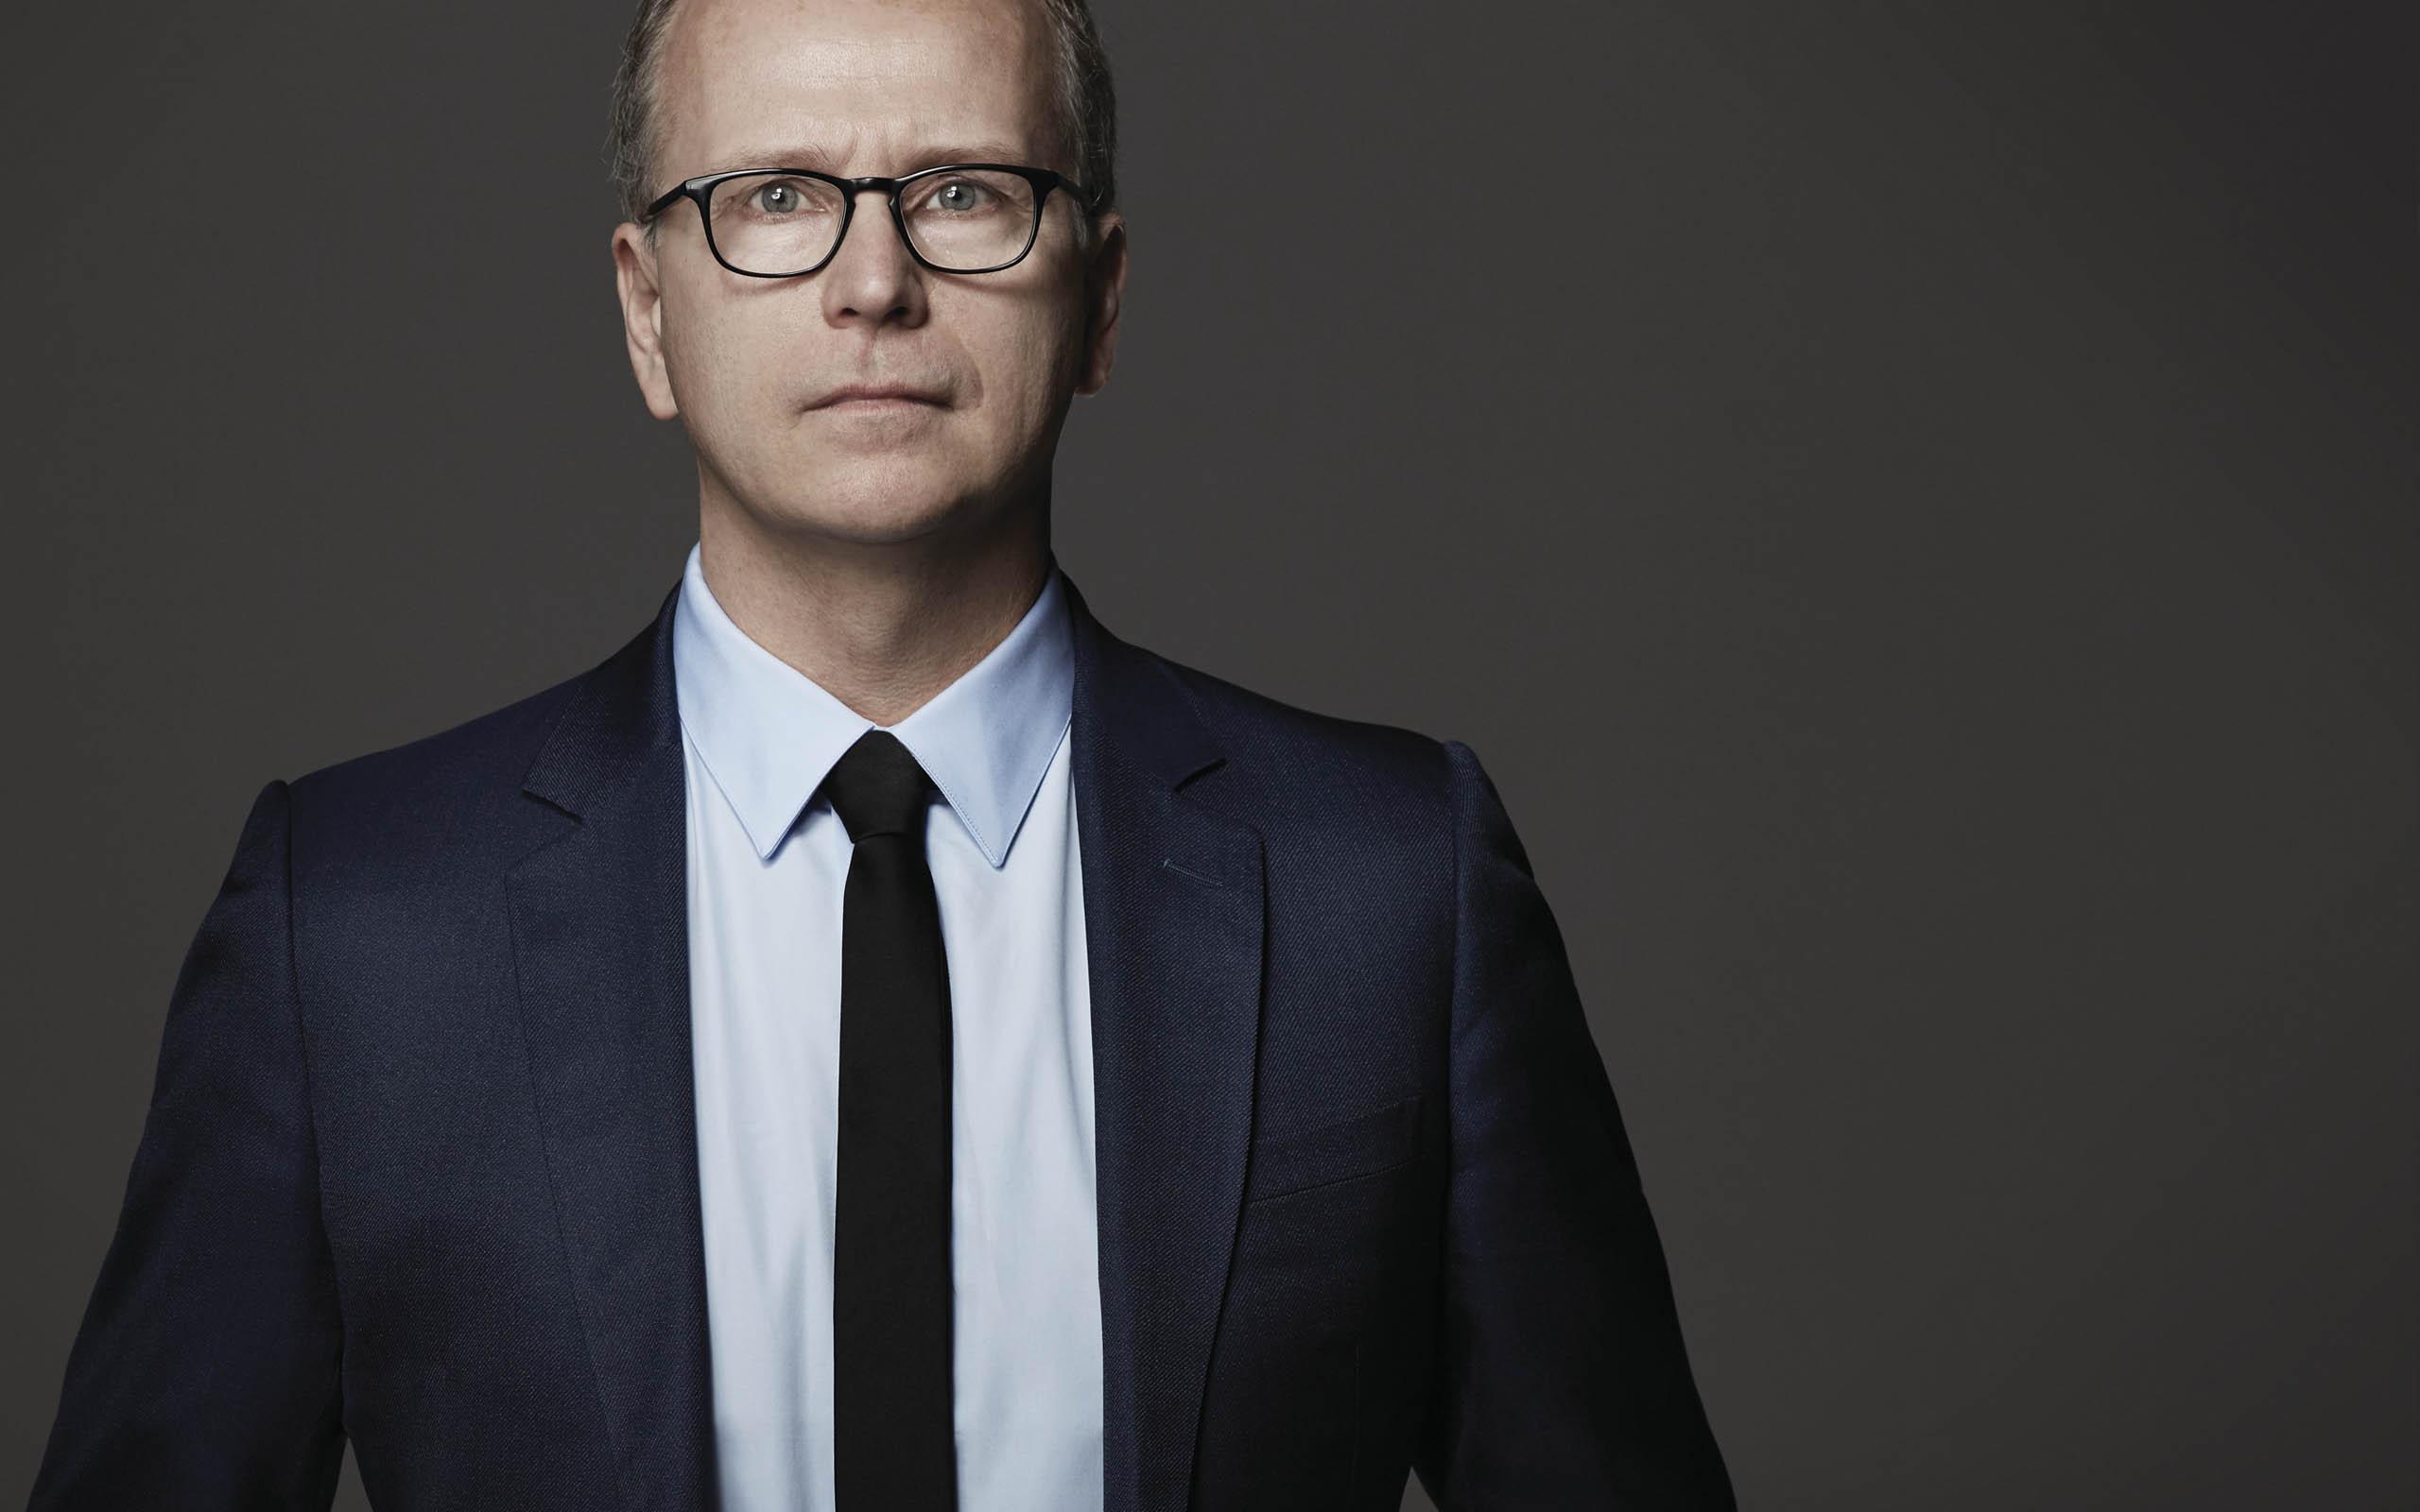 Fabrizio Malverdi Named As New CEO Of Brioni